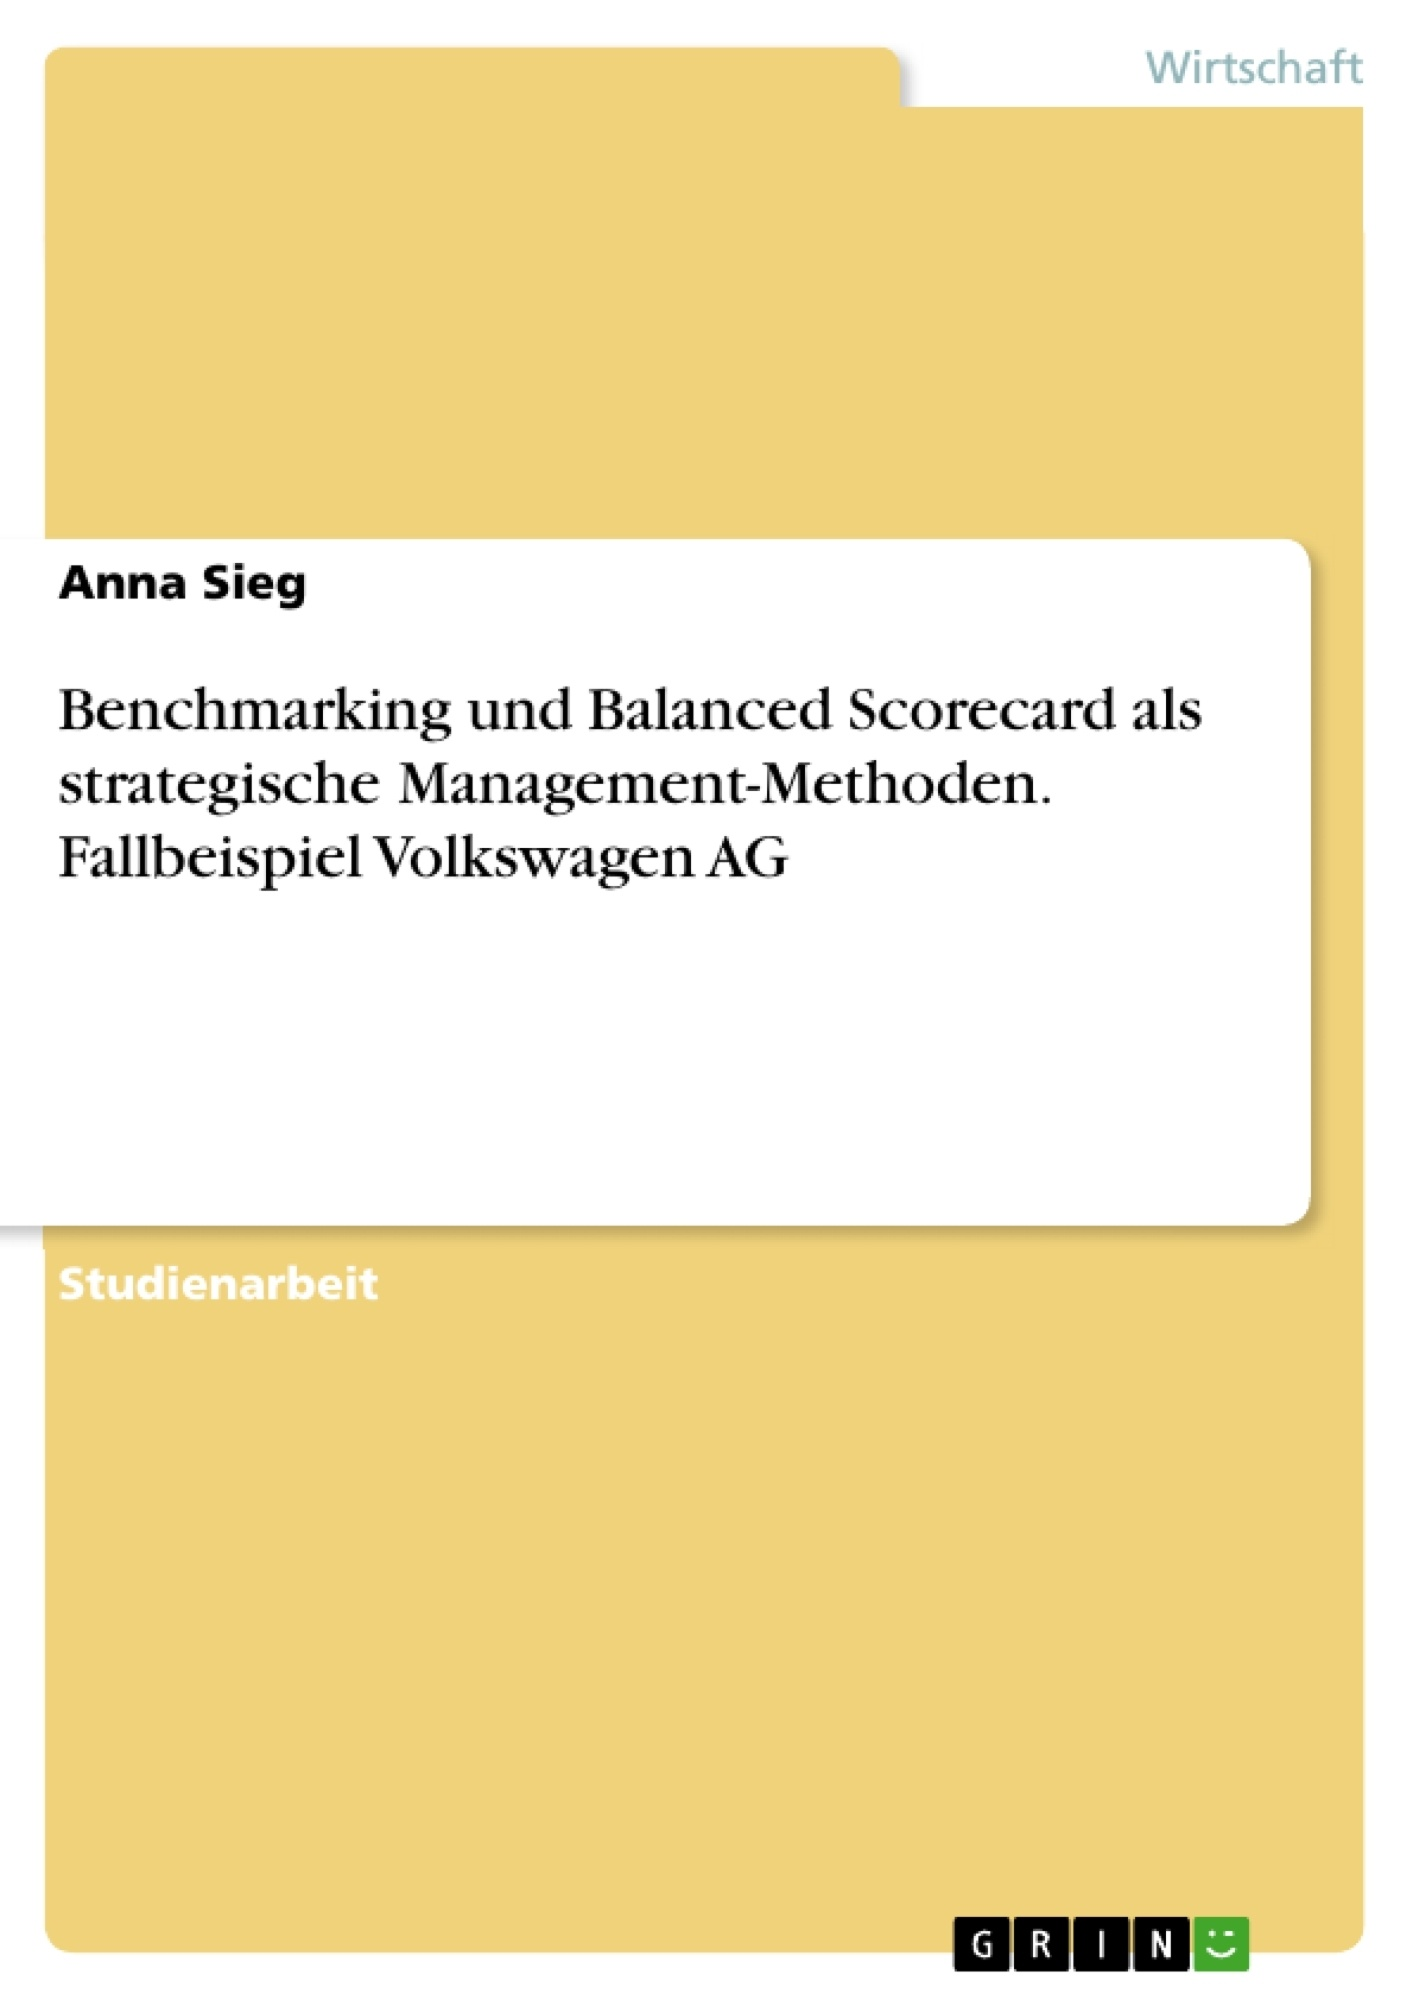 Titel: Benchmarking und Balanced Scorecard als strategische Management-Methoden. Fallbeispiel Volkswagen AG